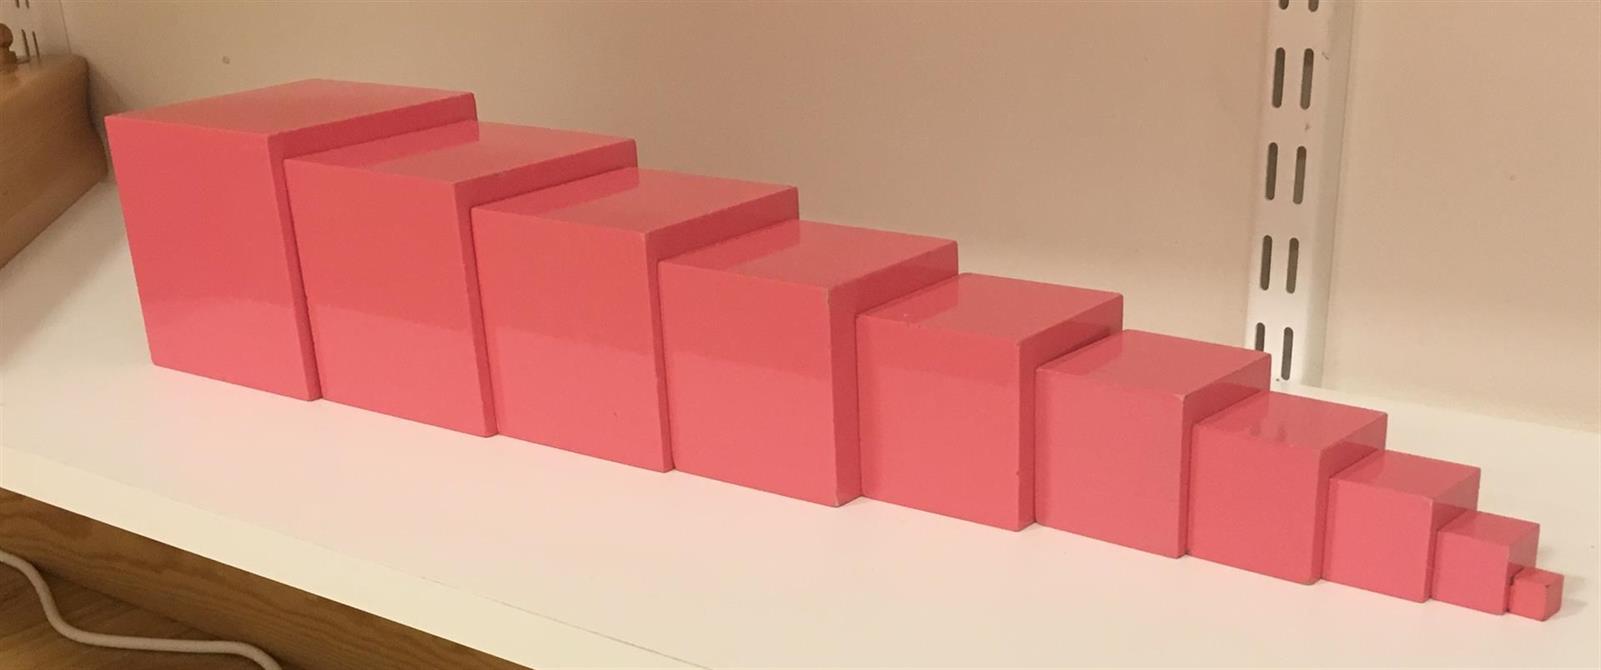 Montessorimaterialet Rosa tornet